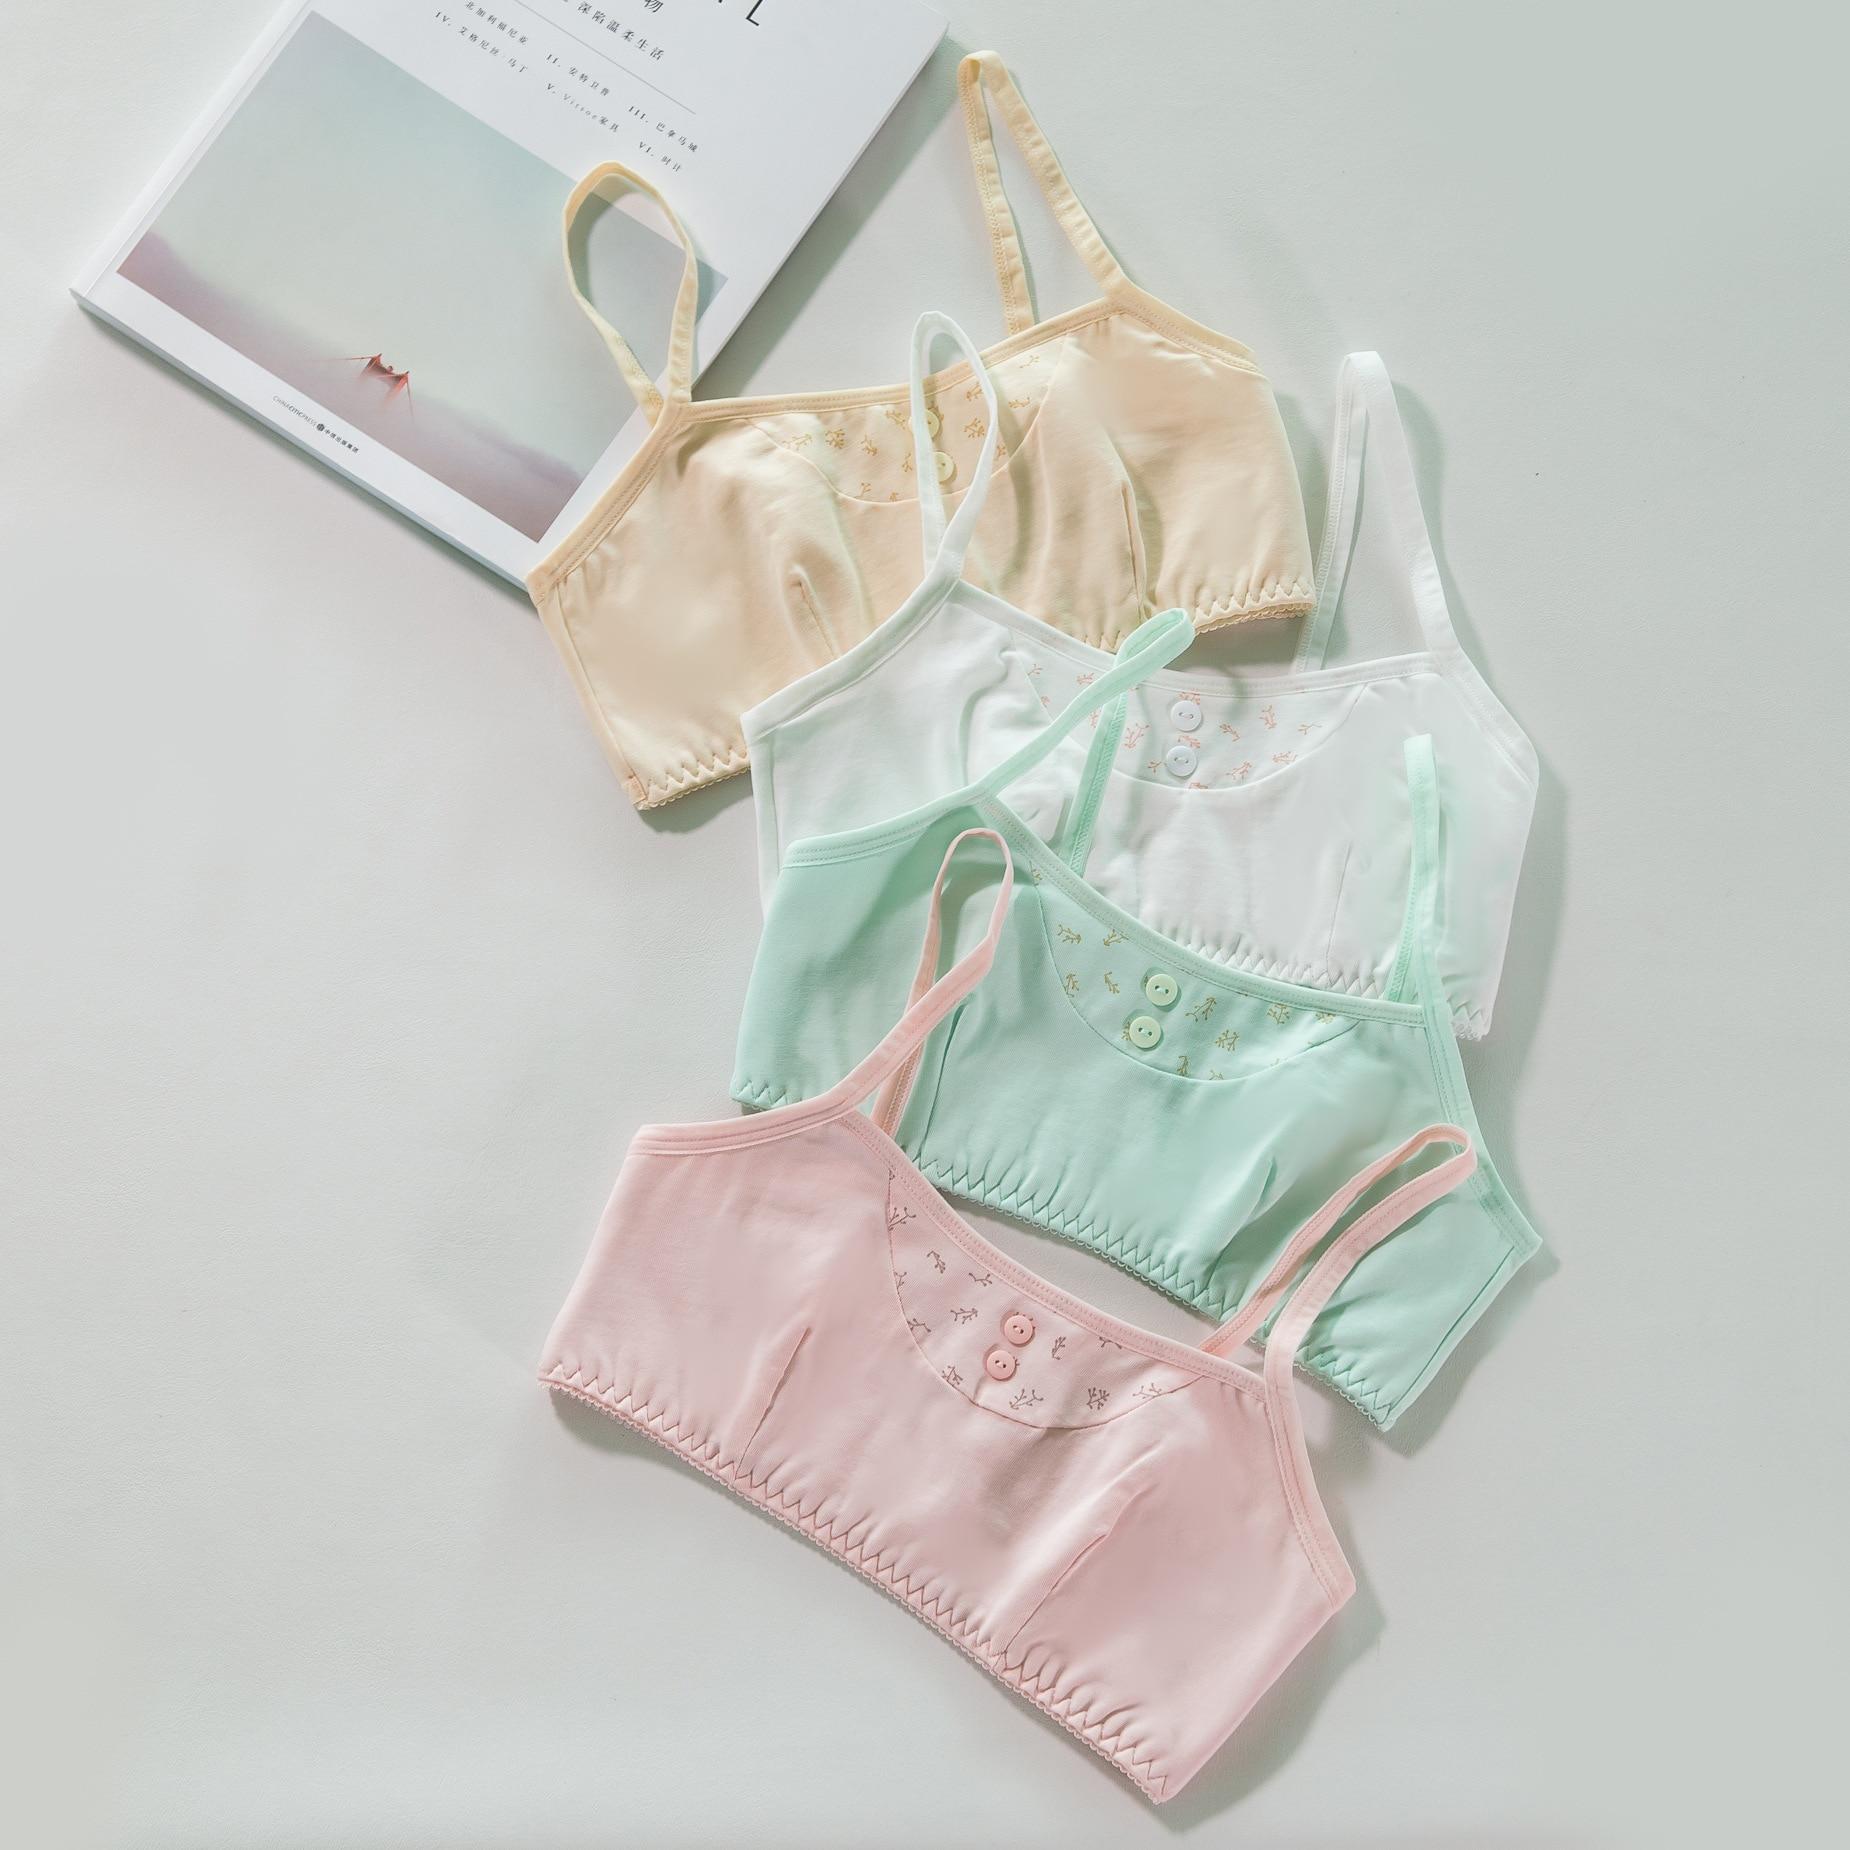 2019High Quality Girl Vest Bra Cotton Underwear Training Bras Children Summer Bra Underwear Kids Bra Teenage Underwear5058